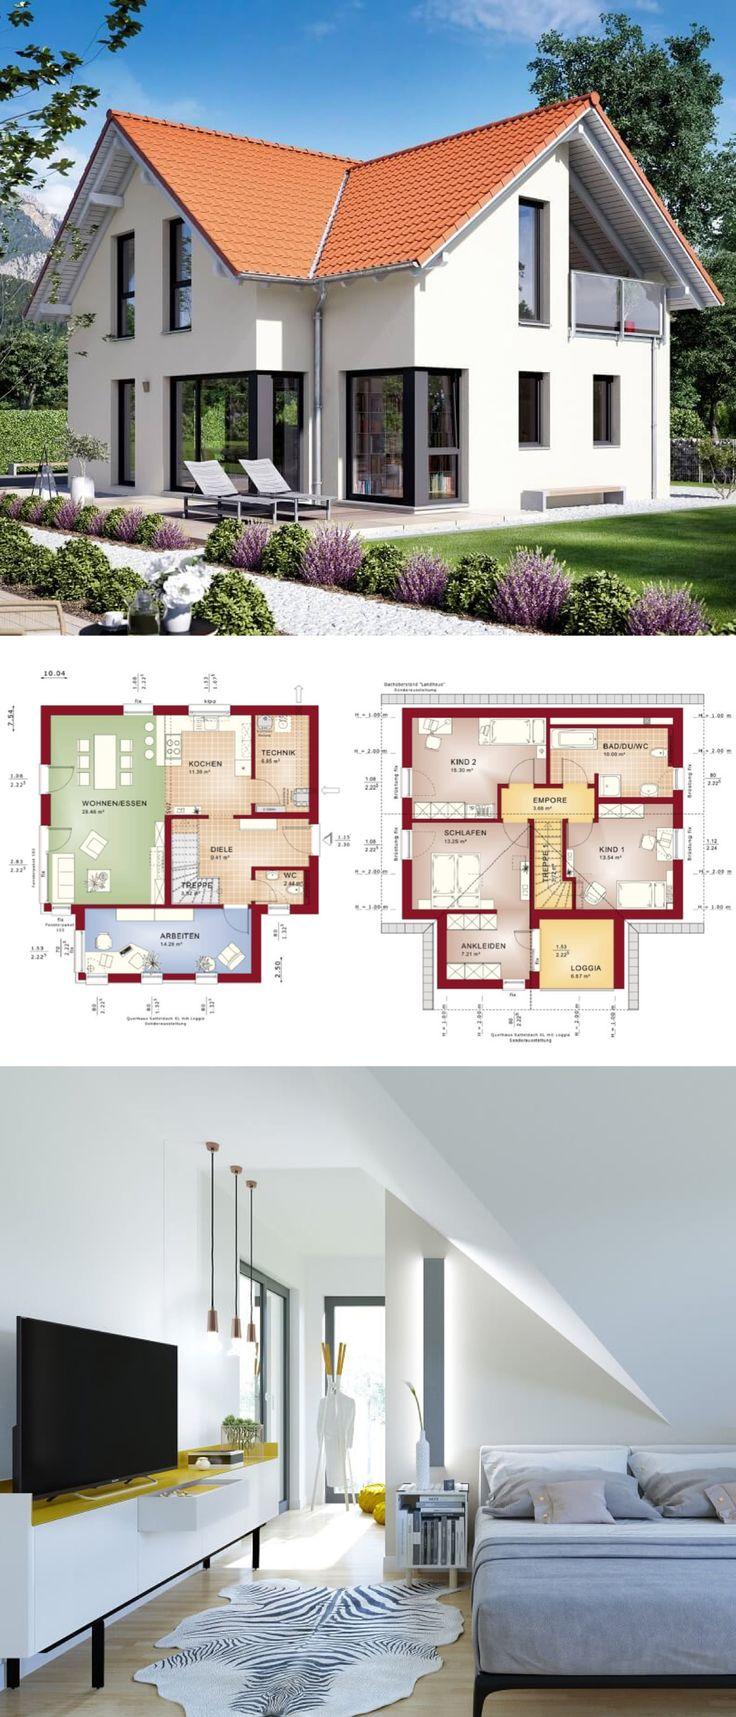 Modernes Haus mit Satteldach Architektur Querhaus …